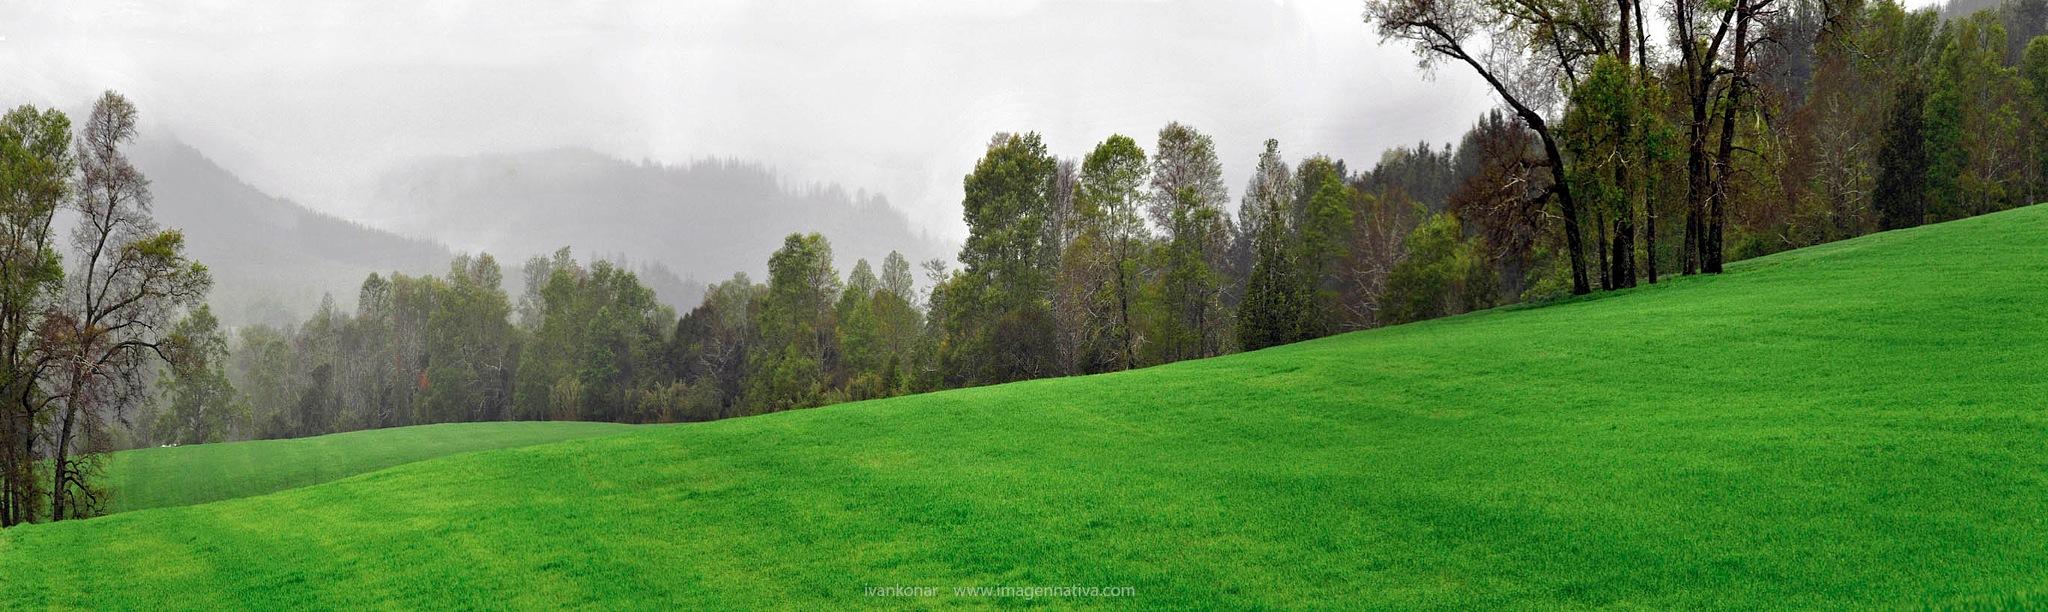 green diagonal by ivankonar